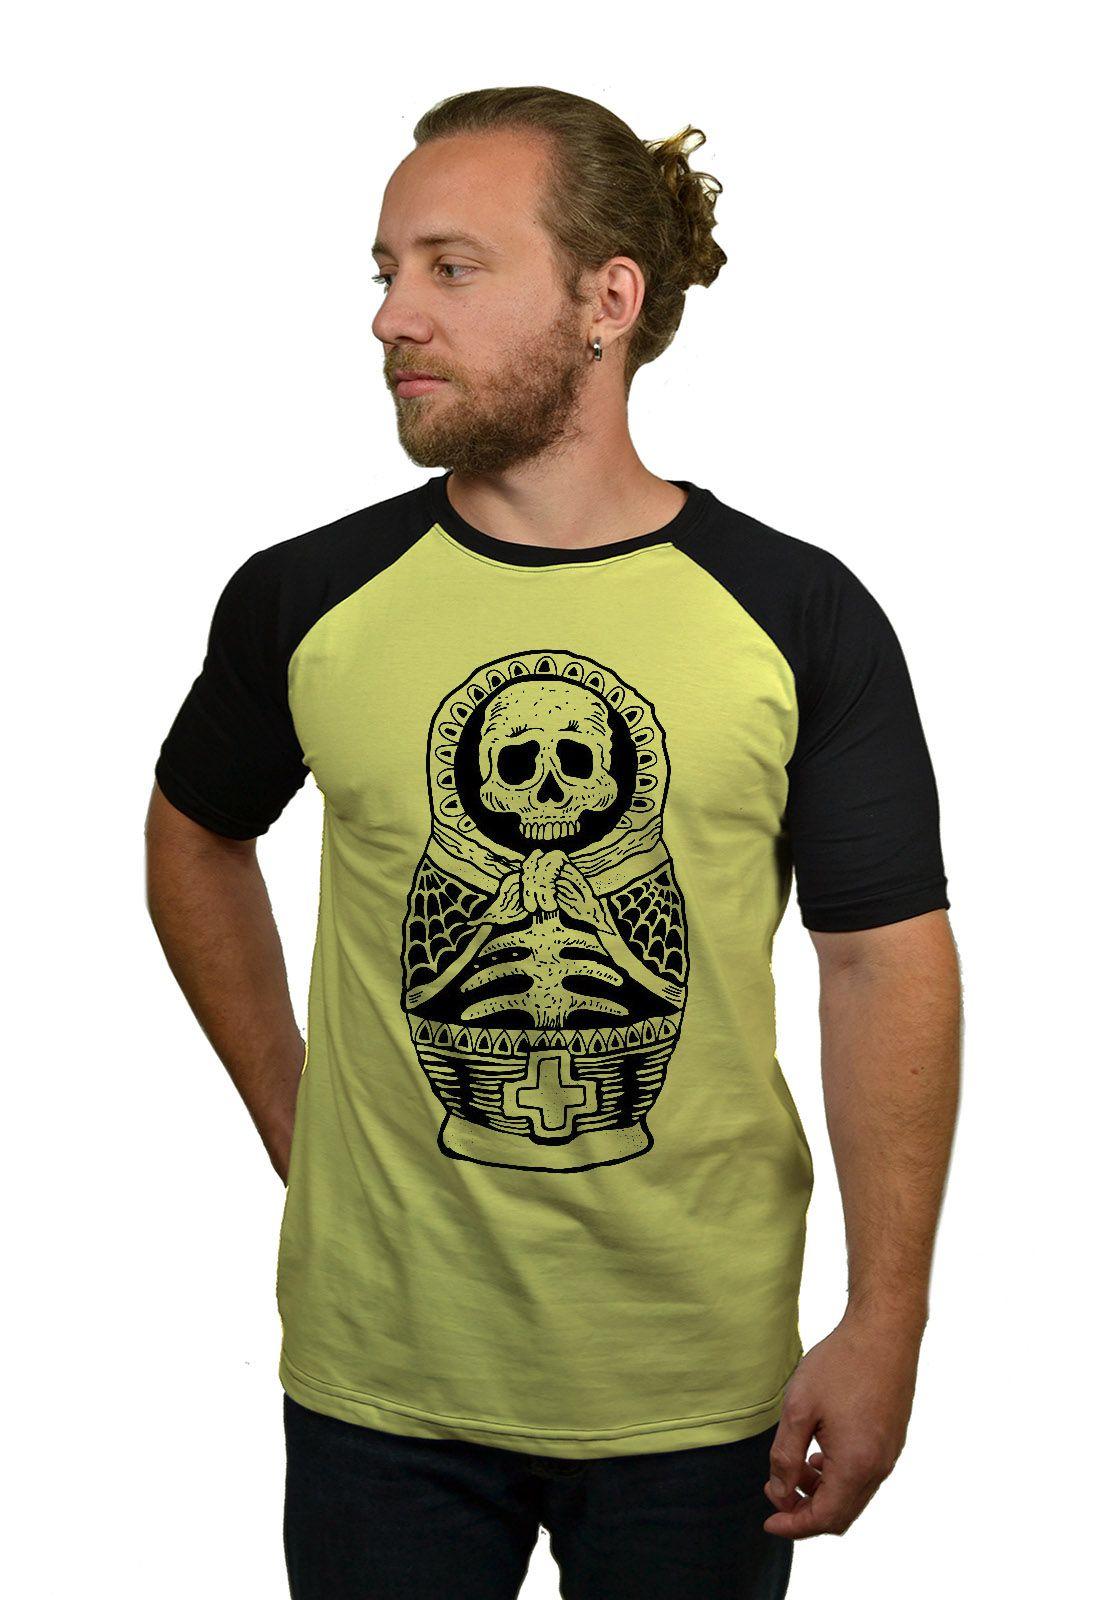 Camiseta Raglan Hshop Múmia Matrioska - Amarelo com Preto  - HShop